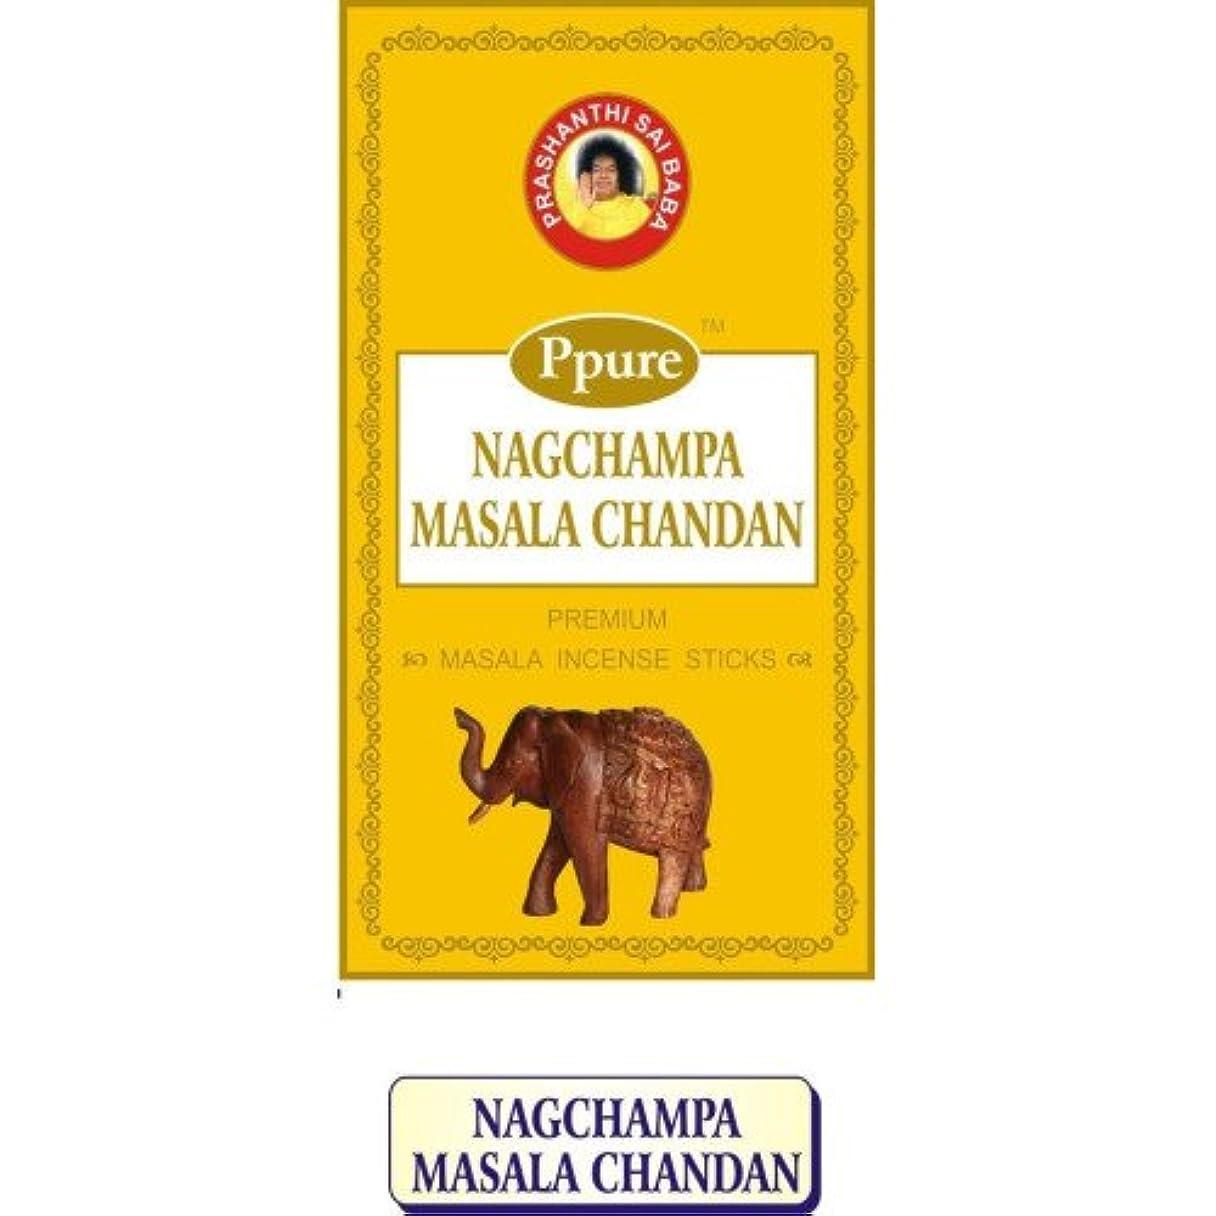 概念画像自発Ppure Nag Champa Masala Chandan PerfumeプレミアムMasala Incense Sticks 15グラム